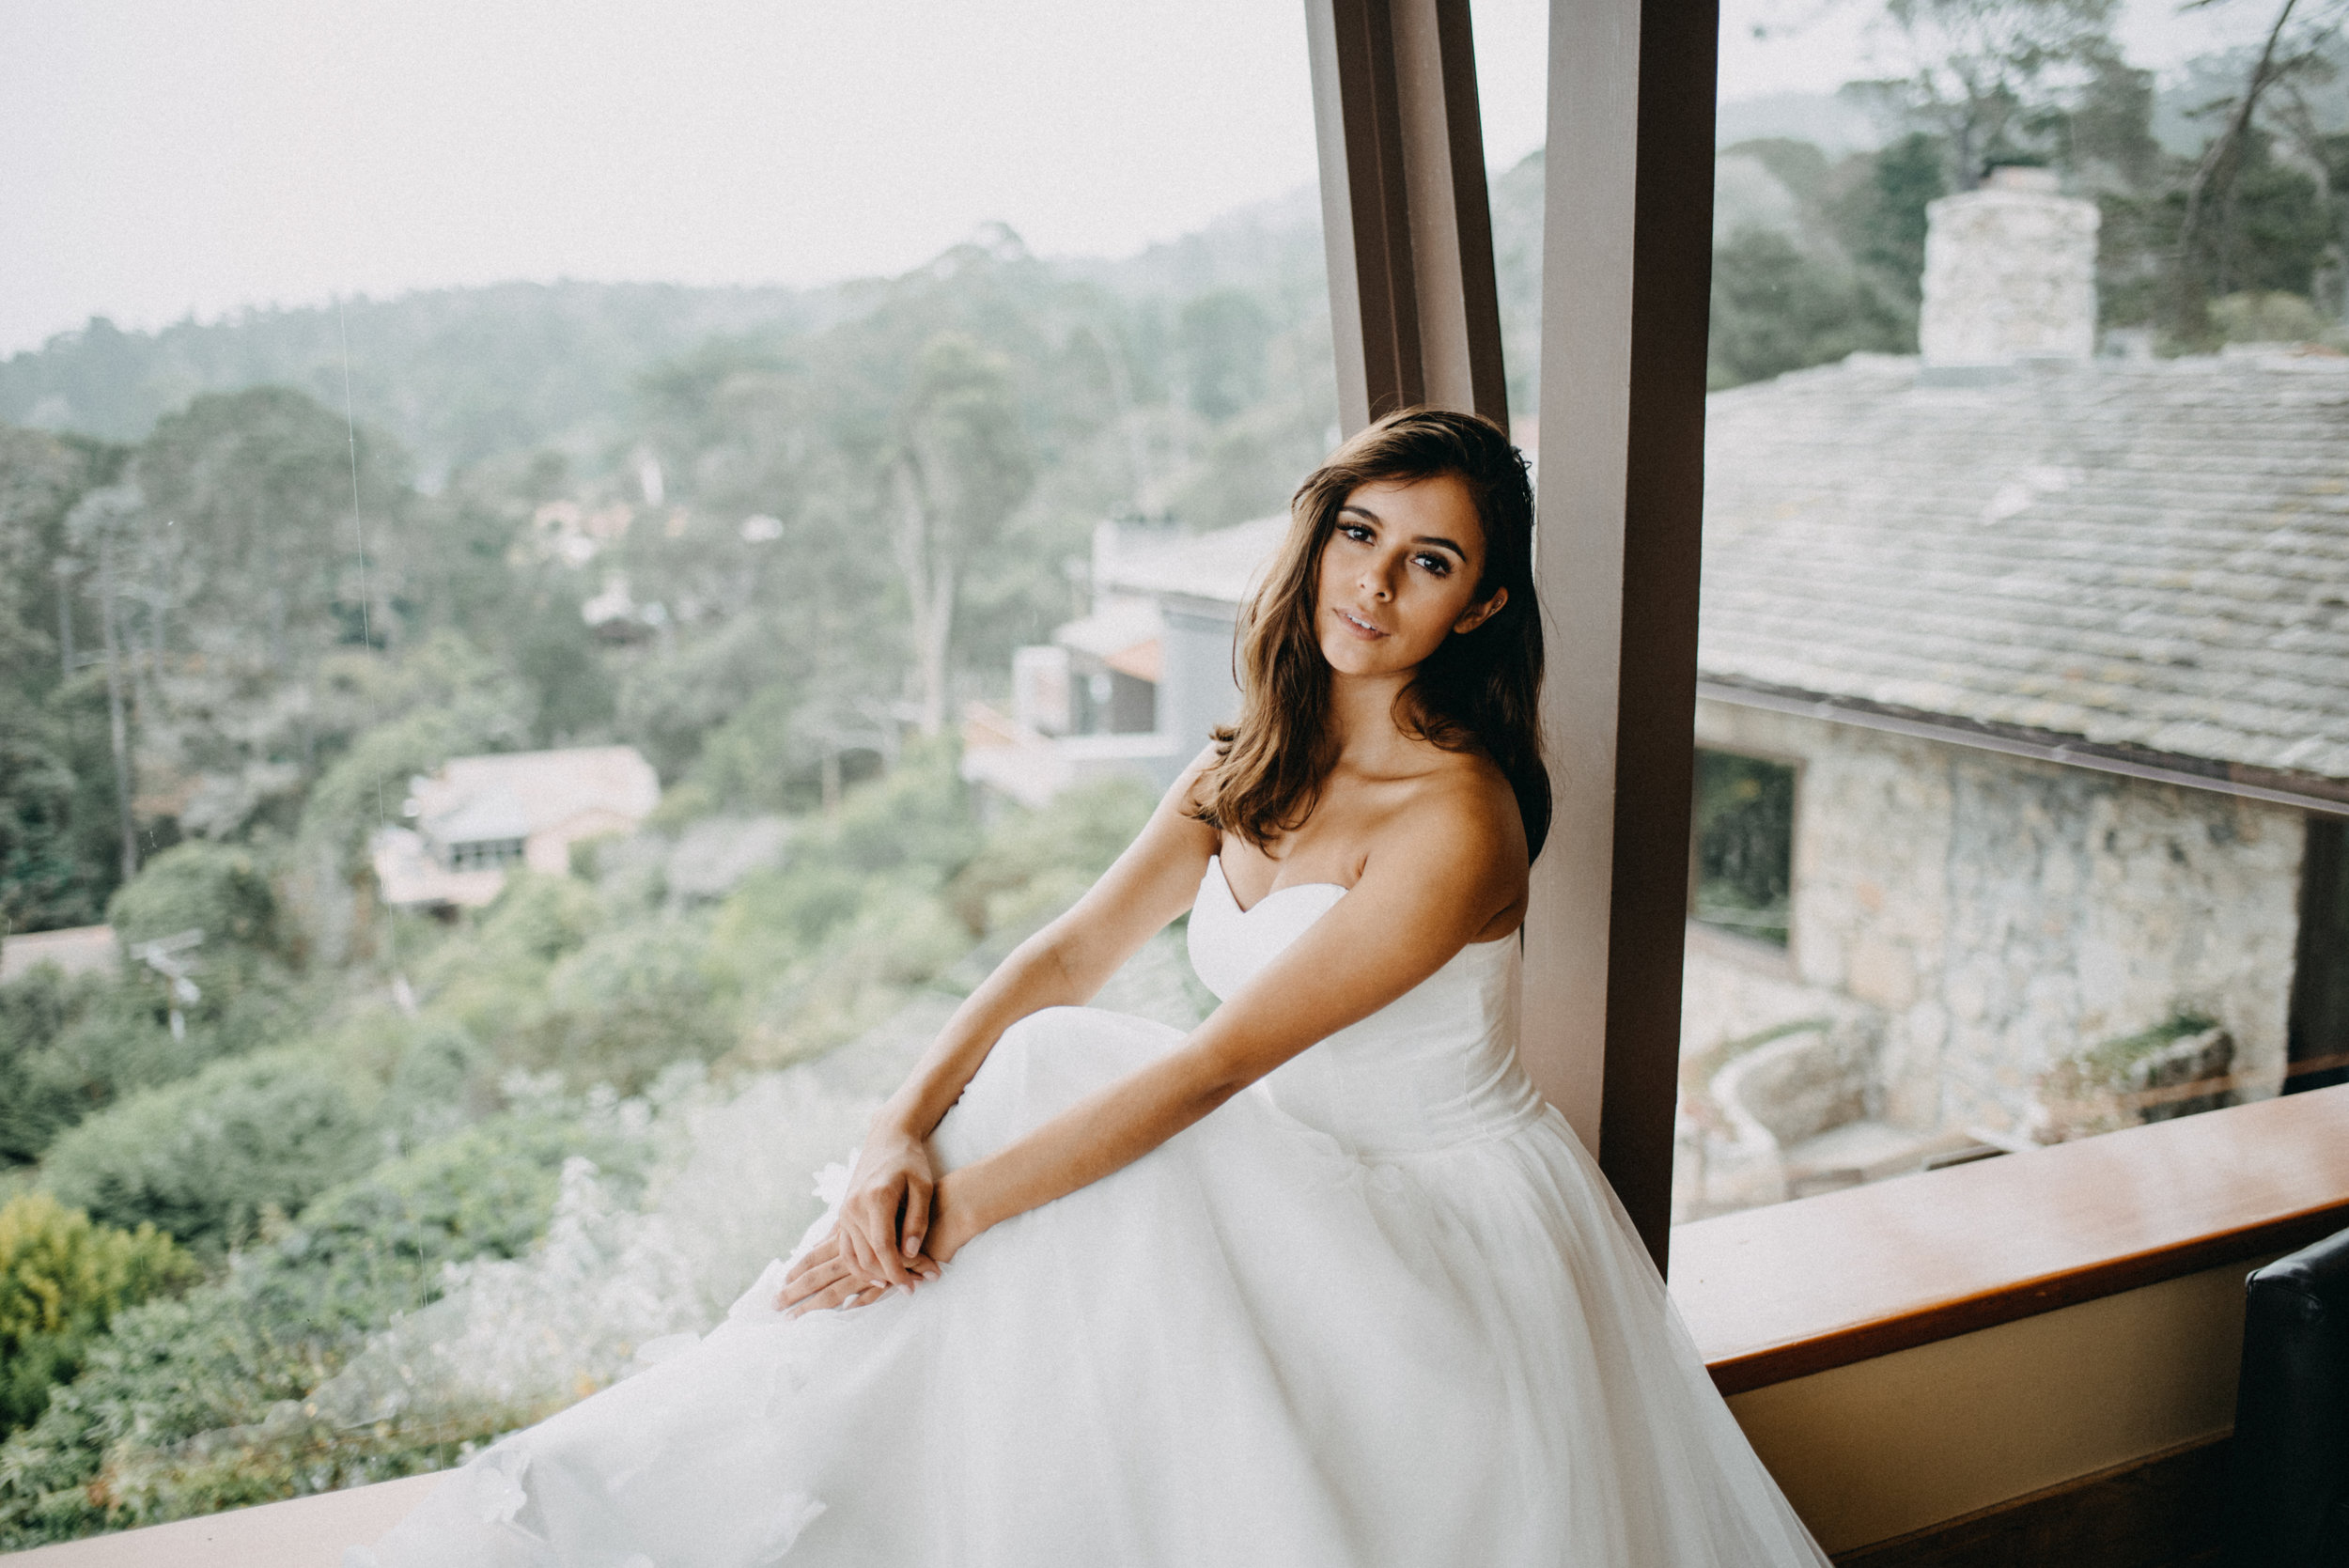 luxury resorts summer wedding photoshoot clean simple wedding dress under $1000